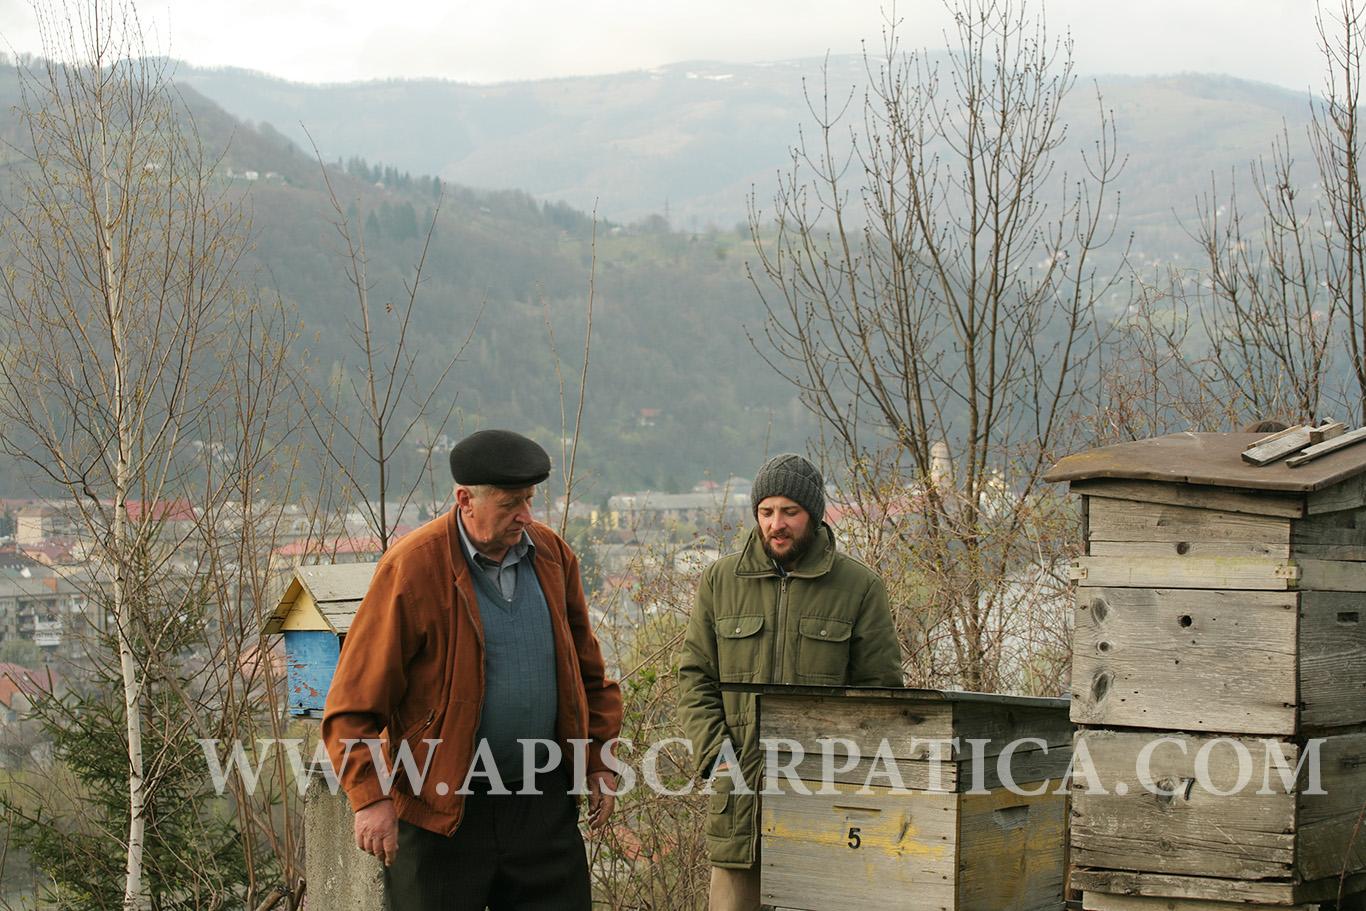 рання весна на вискокогірній пасіці рахівського типу карпатських бджіл